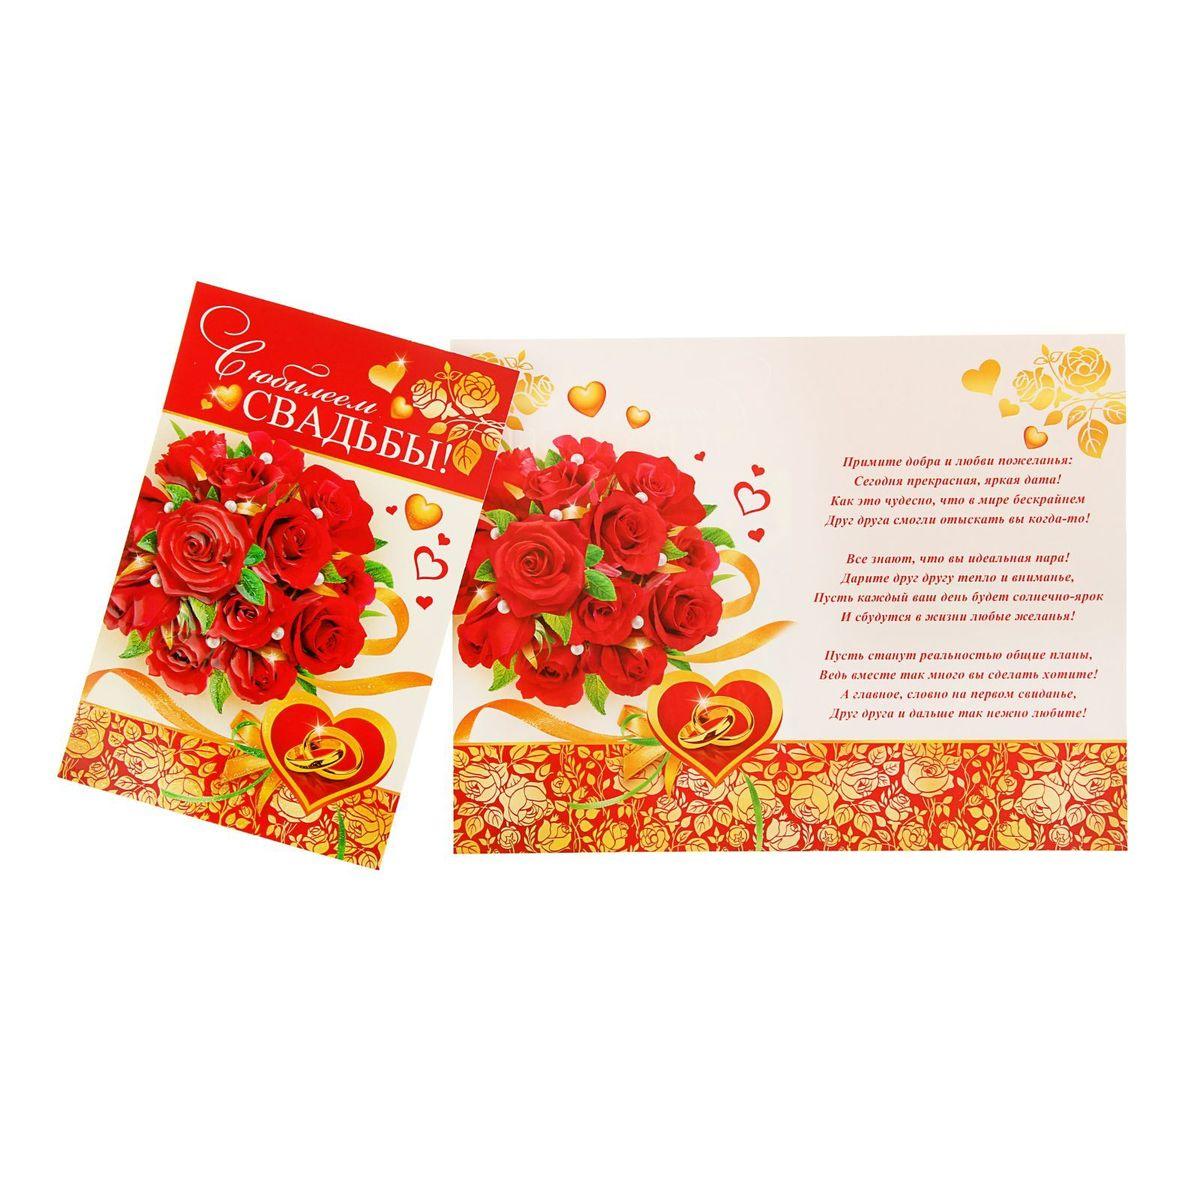 Открытка Мир открыток С юбилеем свадьбы!1015856Если вы хотите порадовать себя или близких, создать праздничное настроение и с улыбкой провести памятный день, то вы, несомненно, сделали правильный выбор! Открытка Мир открыток С юбилеем свадьбы!, выполненная из картона, отличается не только оригинальным дизайном, но и высоким качеством.Лицевая сторона изделия оформлена красивым изображением букета красных роз, дополнена тиснением золотистой фольгой и глиттером. Внутри открытка содержит текст с поздравлением.Такая открытка непременно порадует получателя и станет отличным напоминанием о проведенном вместе времени.